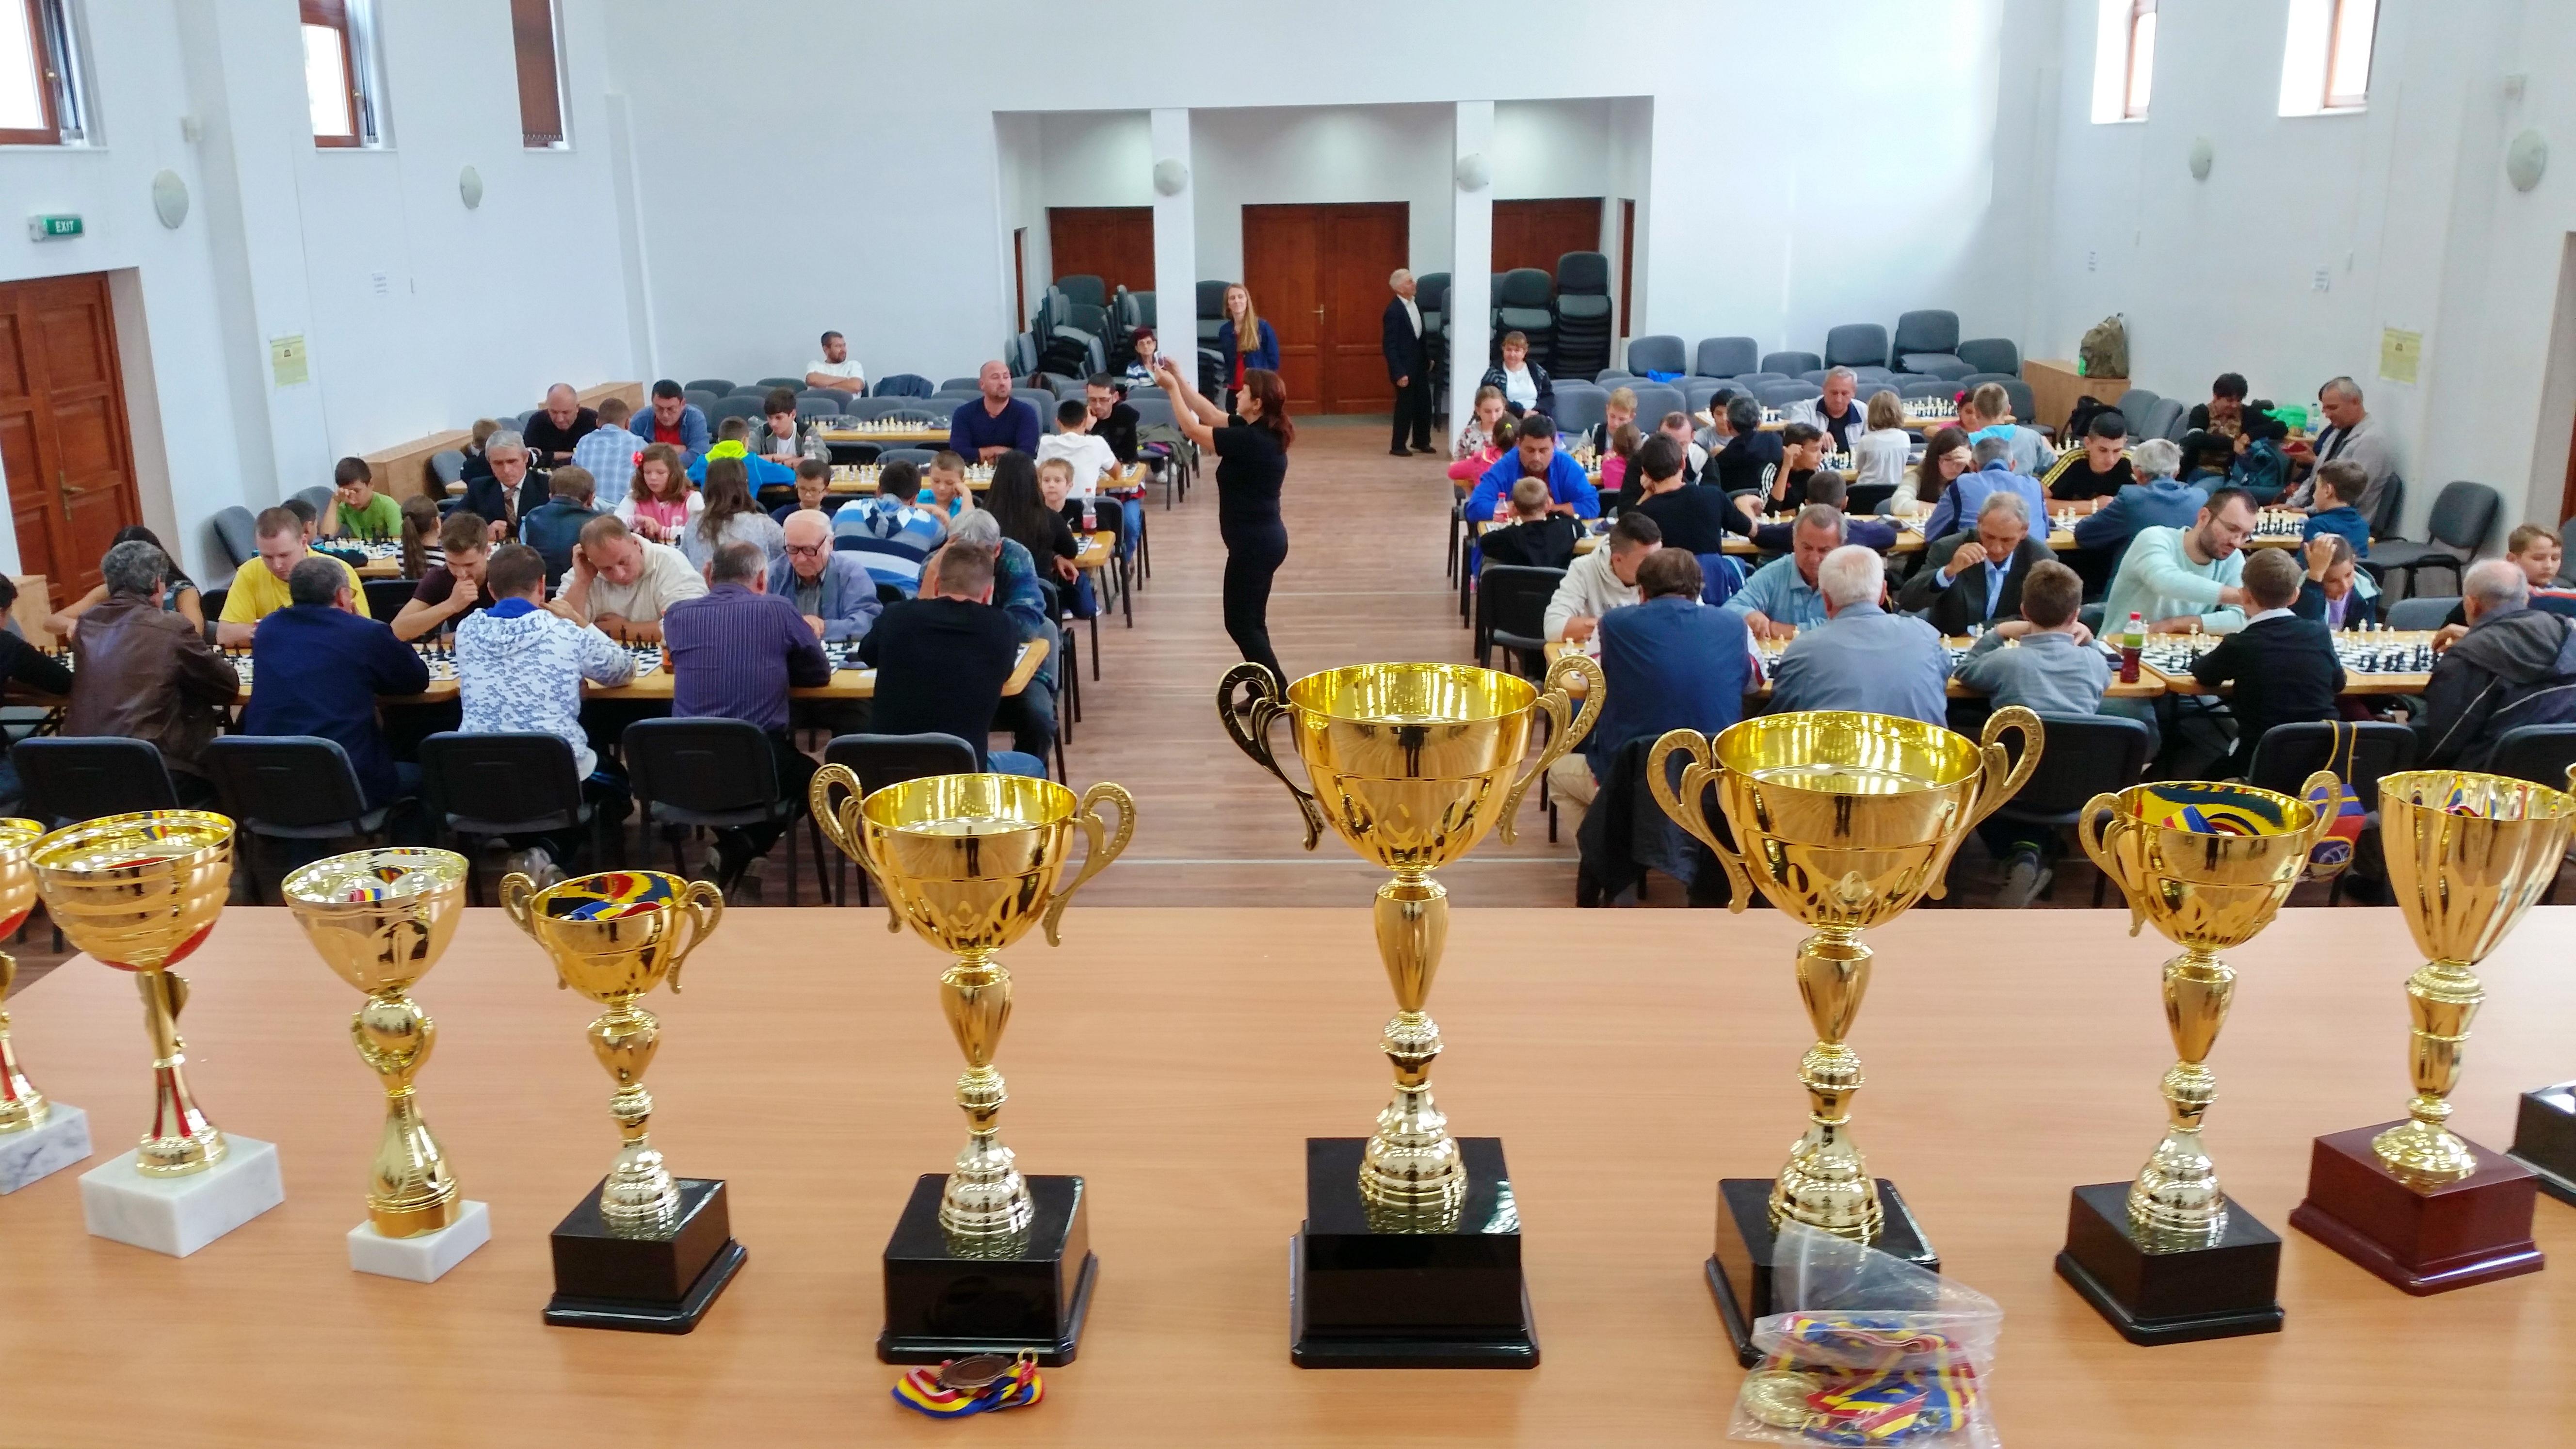 Cupe campionatul de sah de la Lipova, septembrie 2015